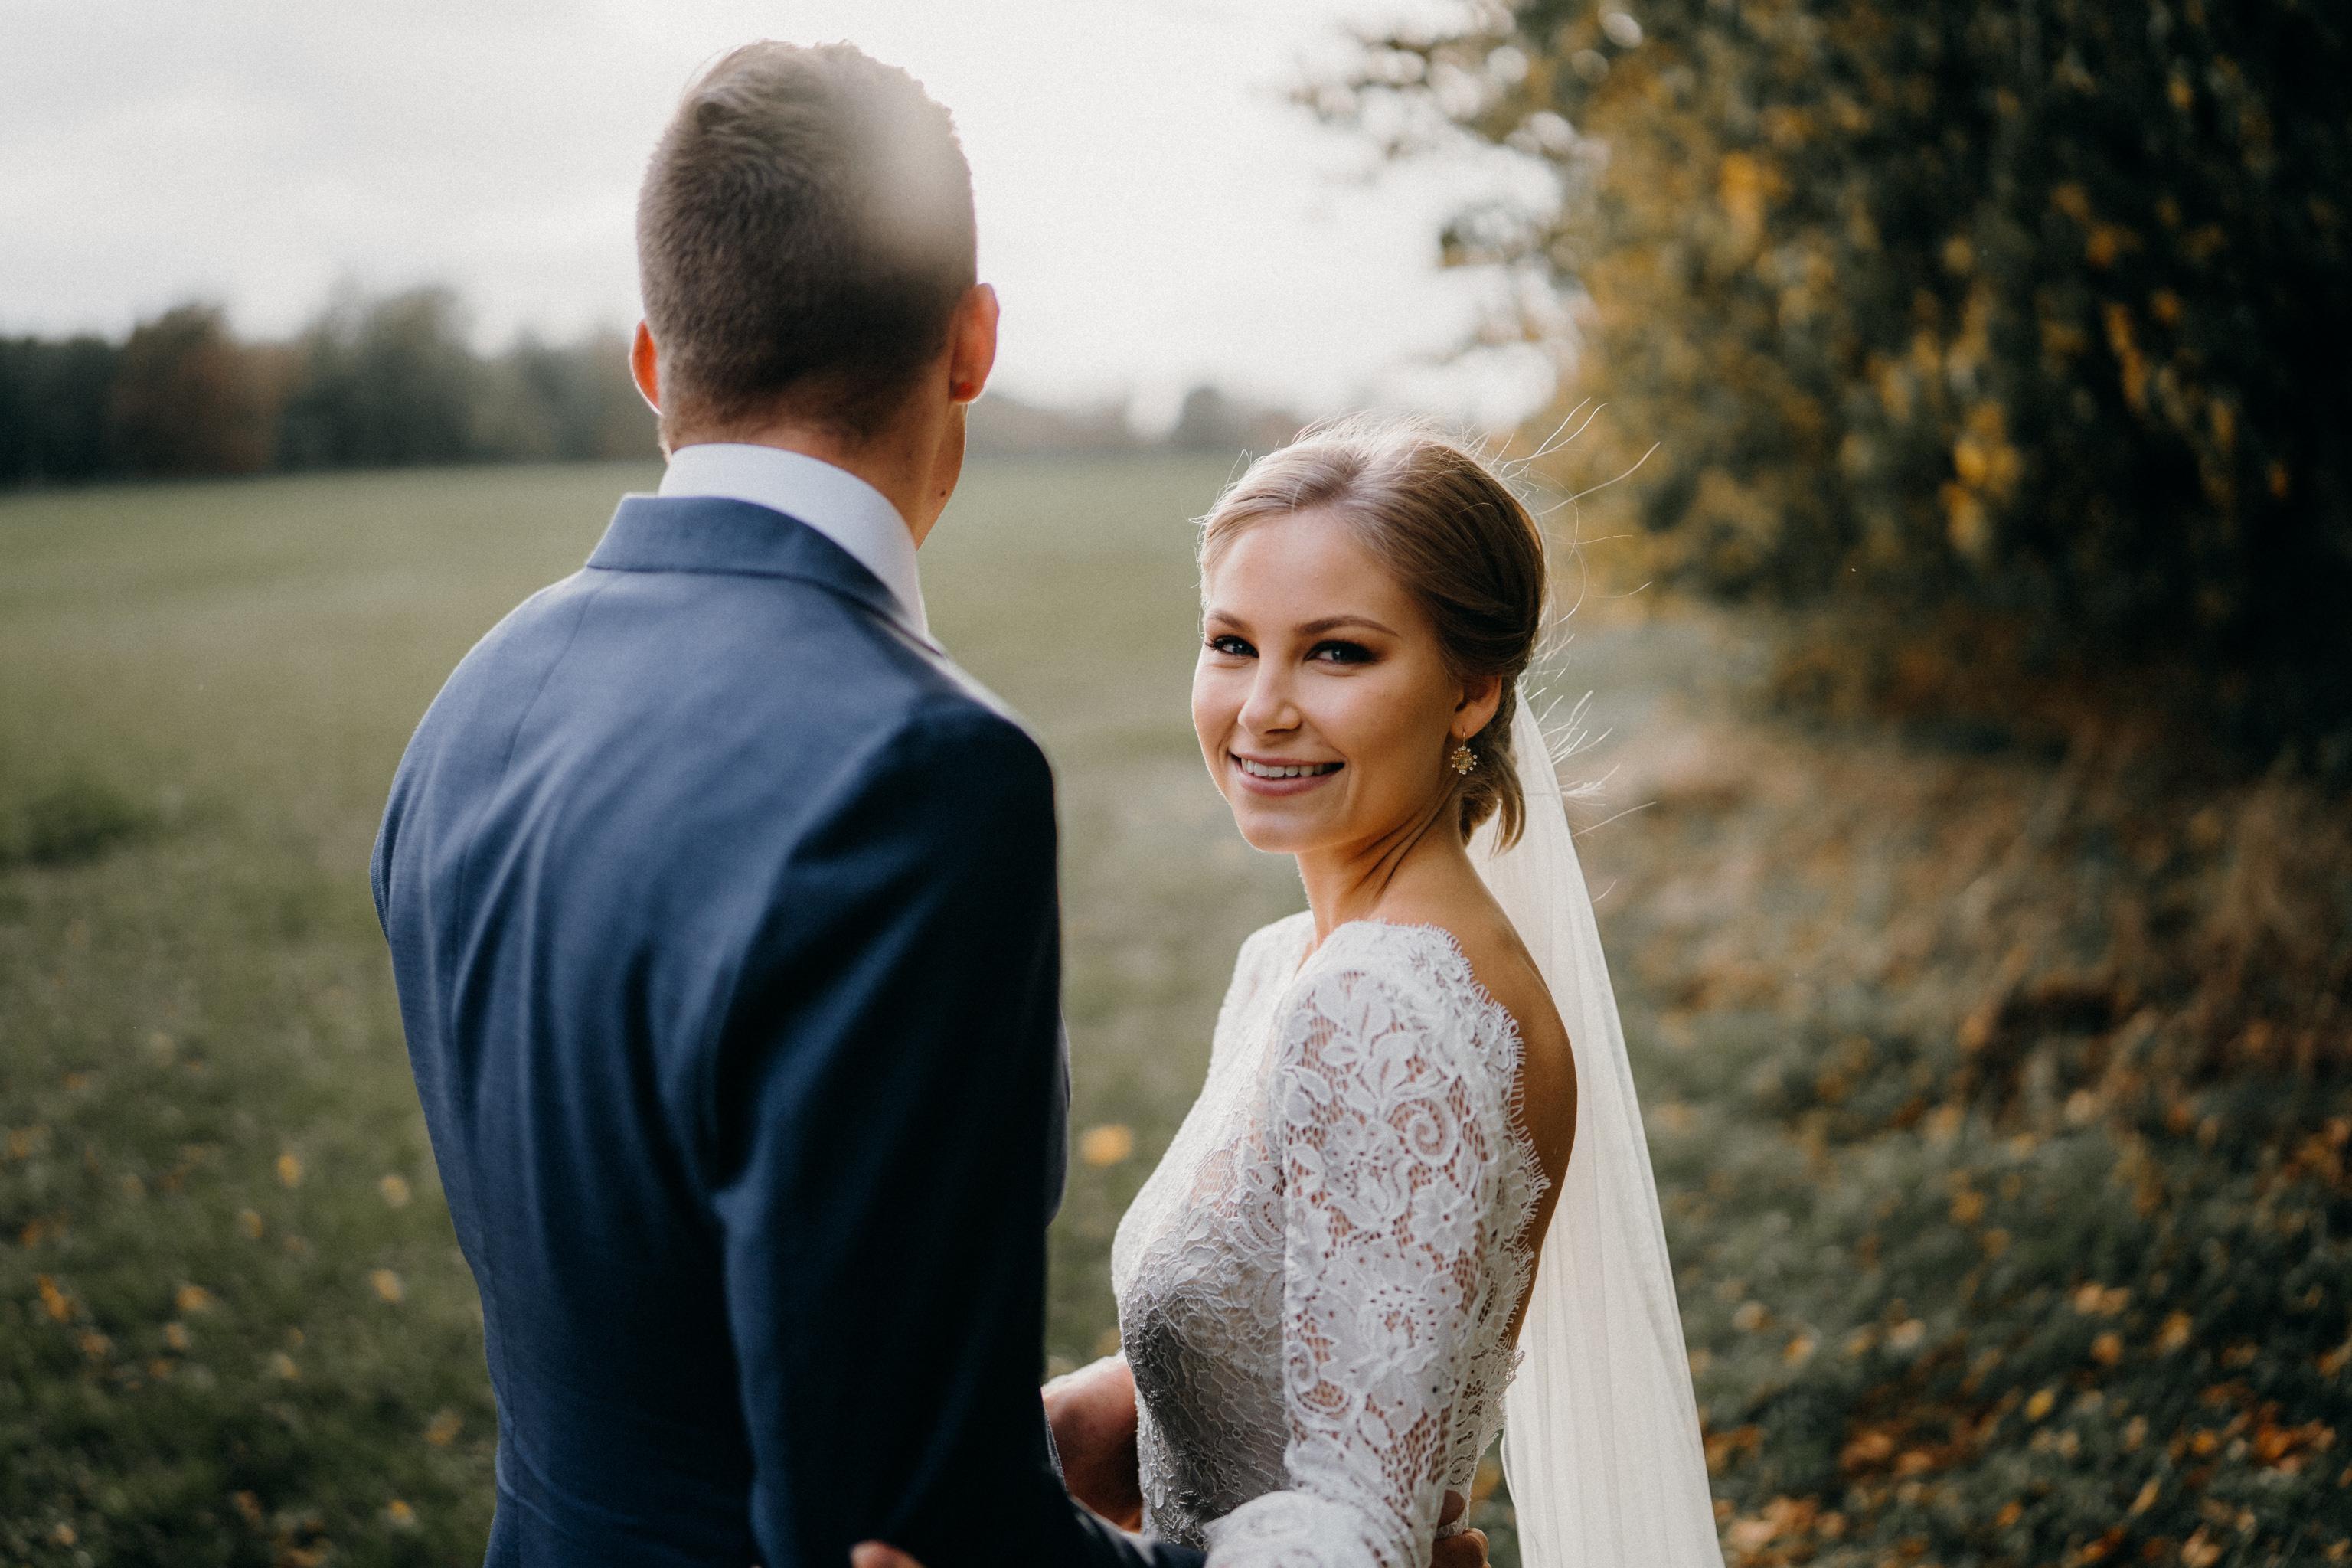 Et bryllup er et minde om livet